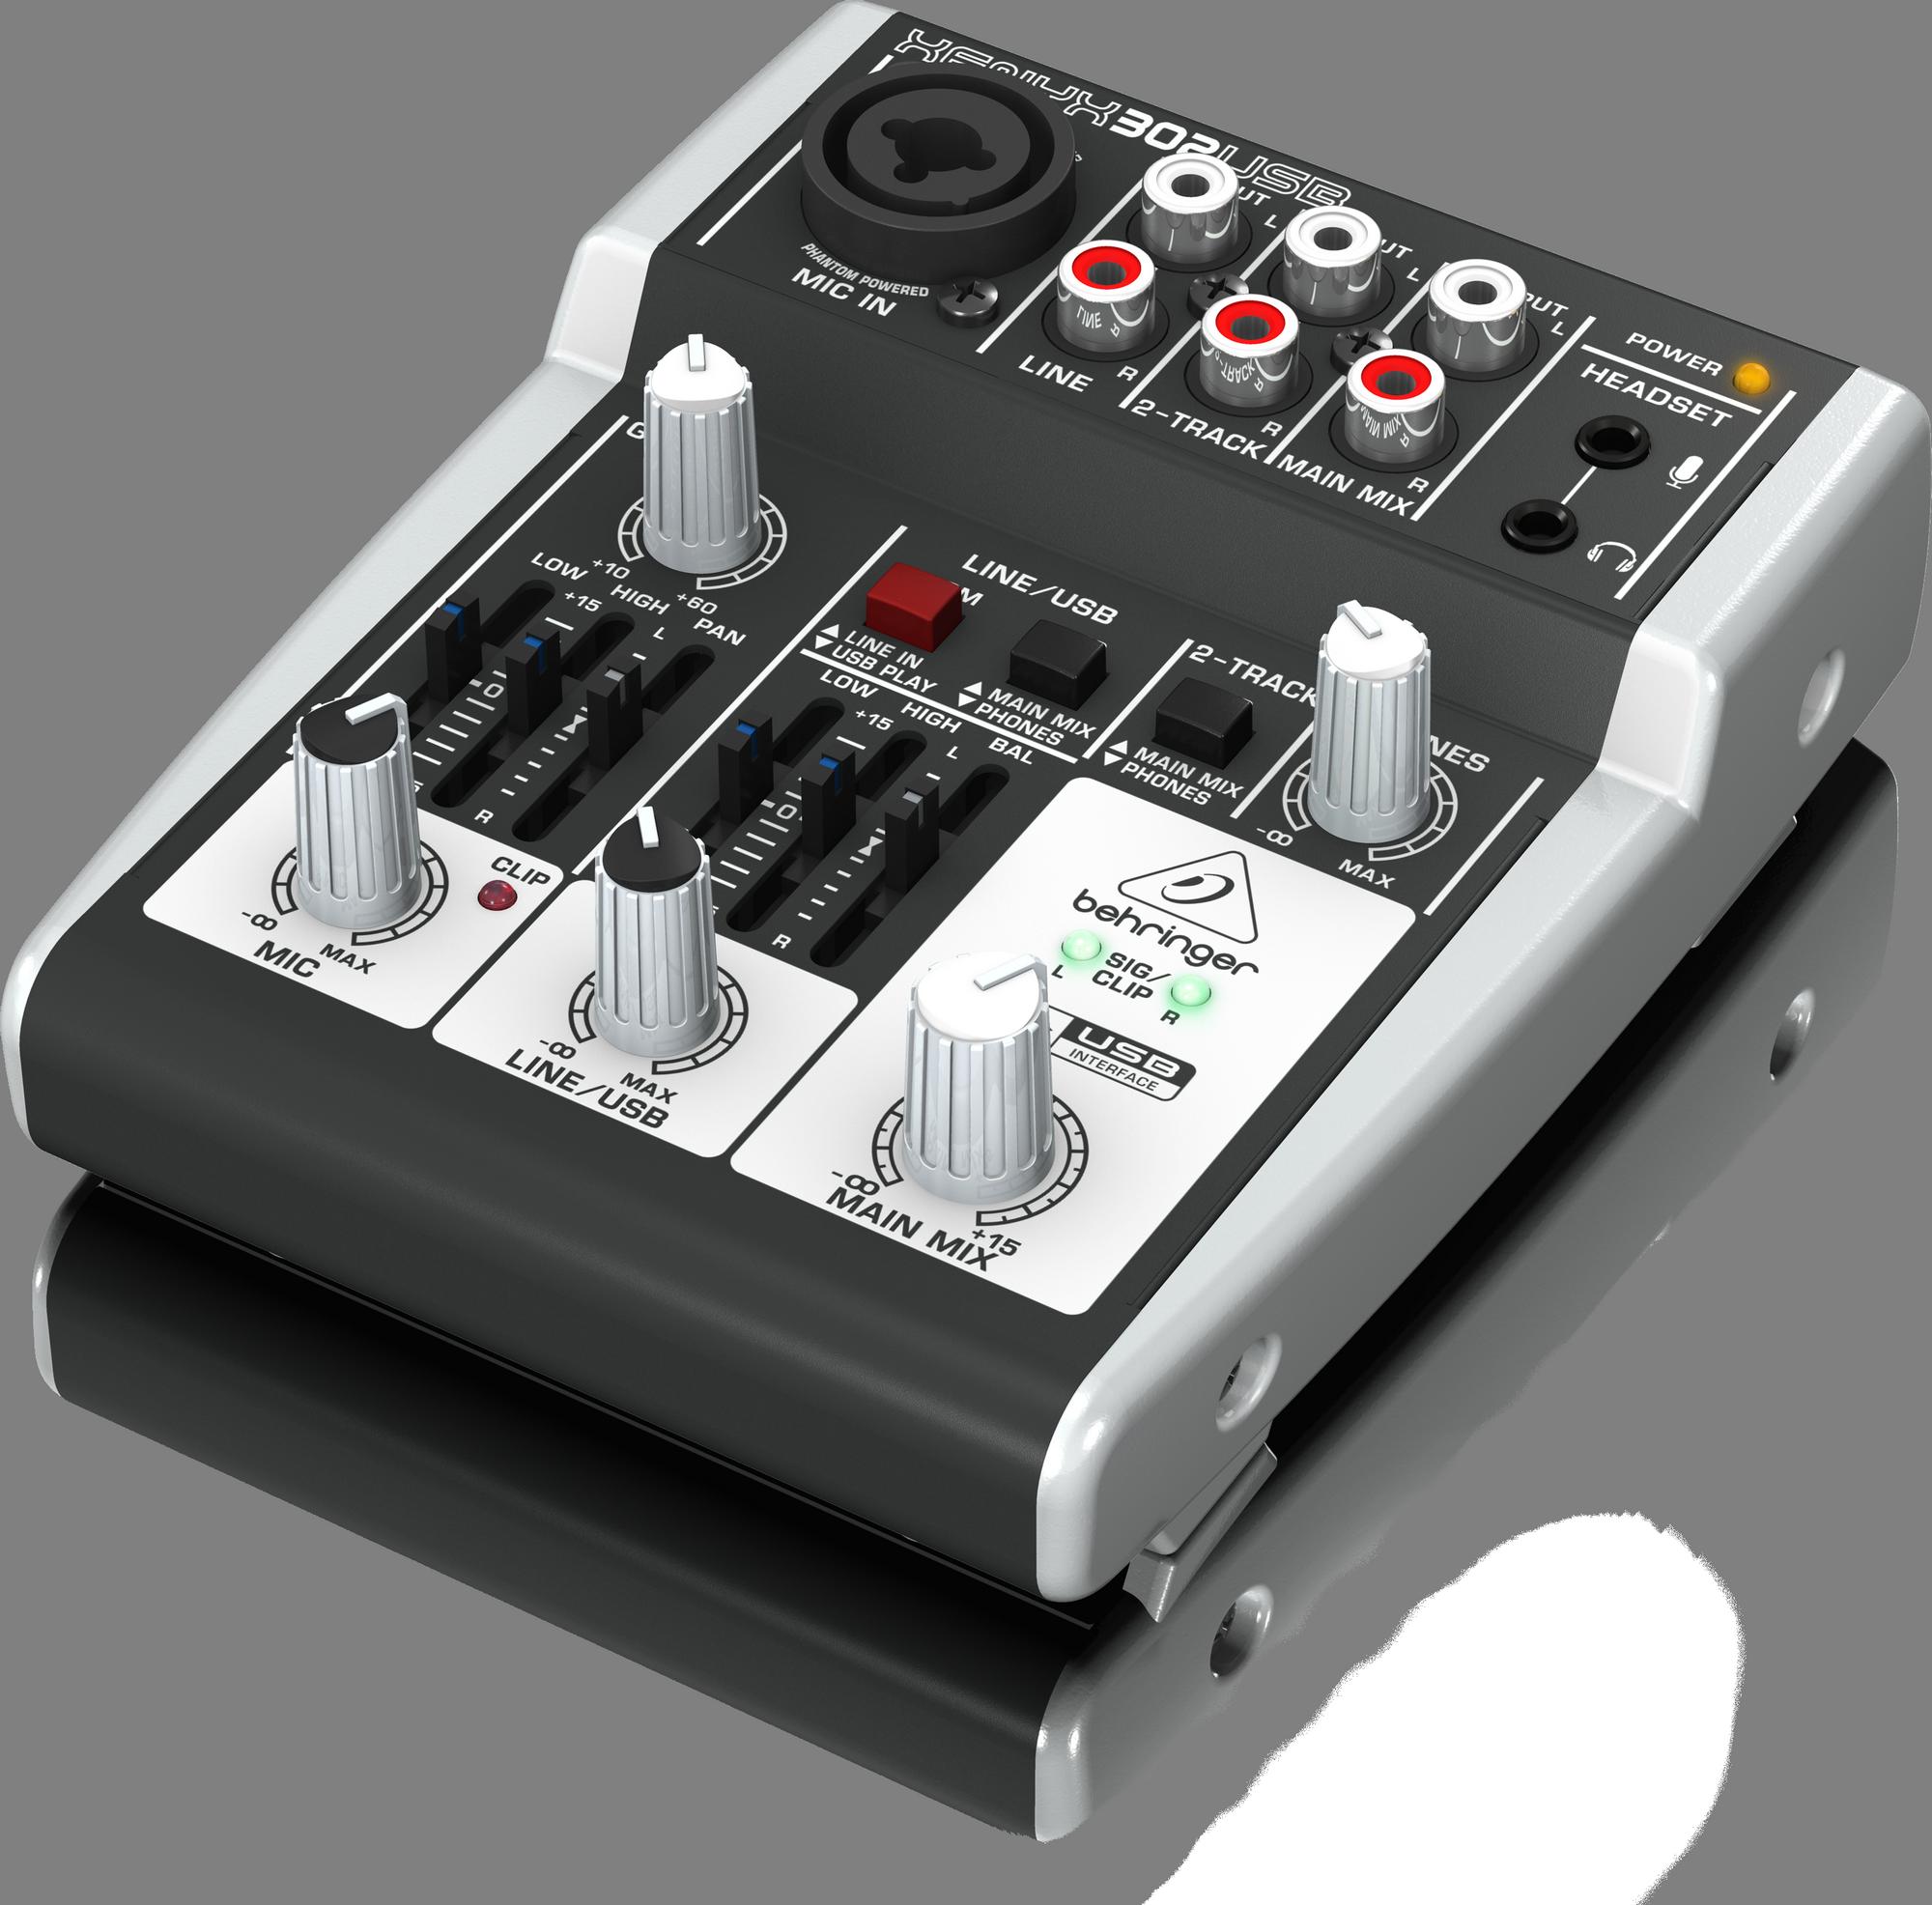 Usb Audio Codec Behringer Driver